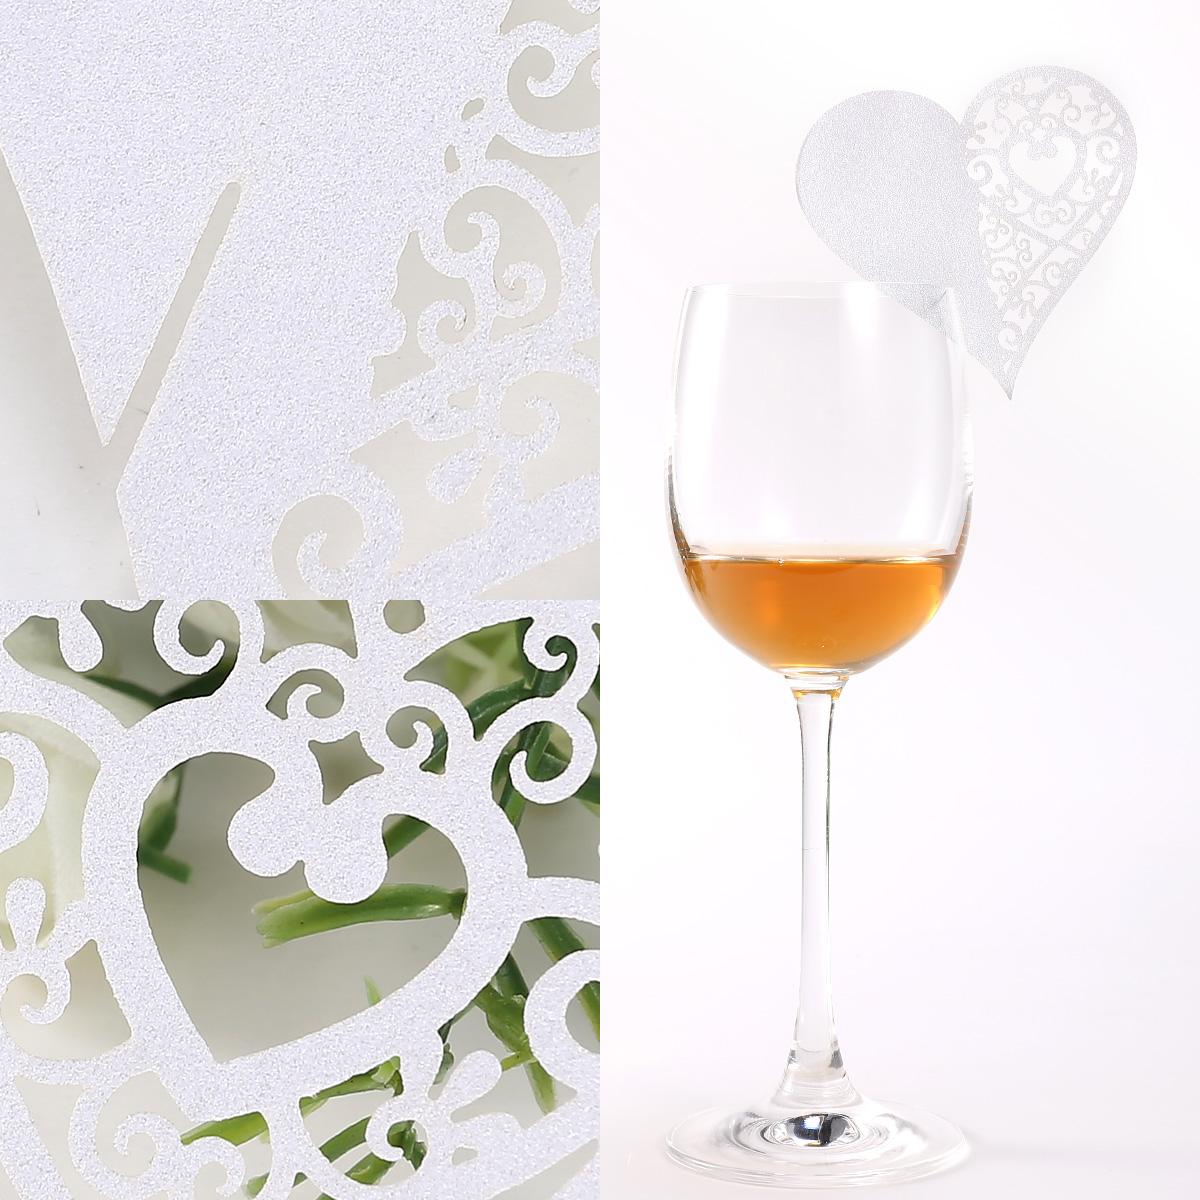 50 20 x carte de verre porte nom coeur nacr mariage - Marque place coeur pied de verre ...